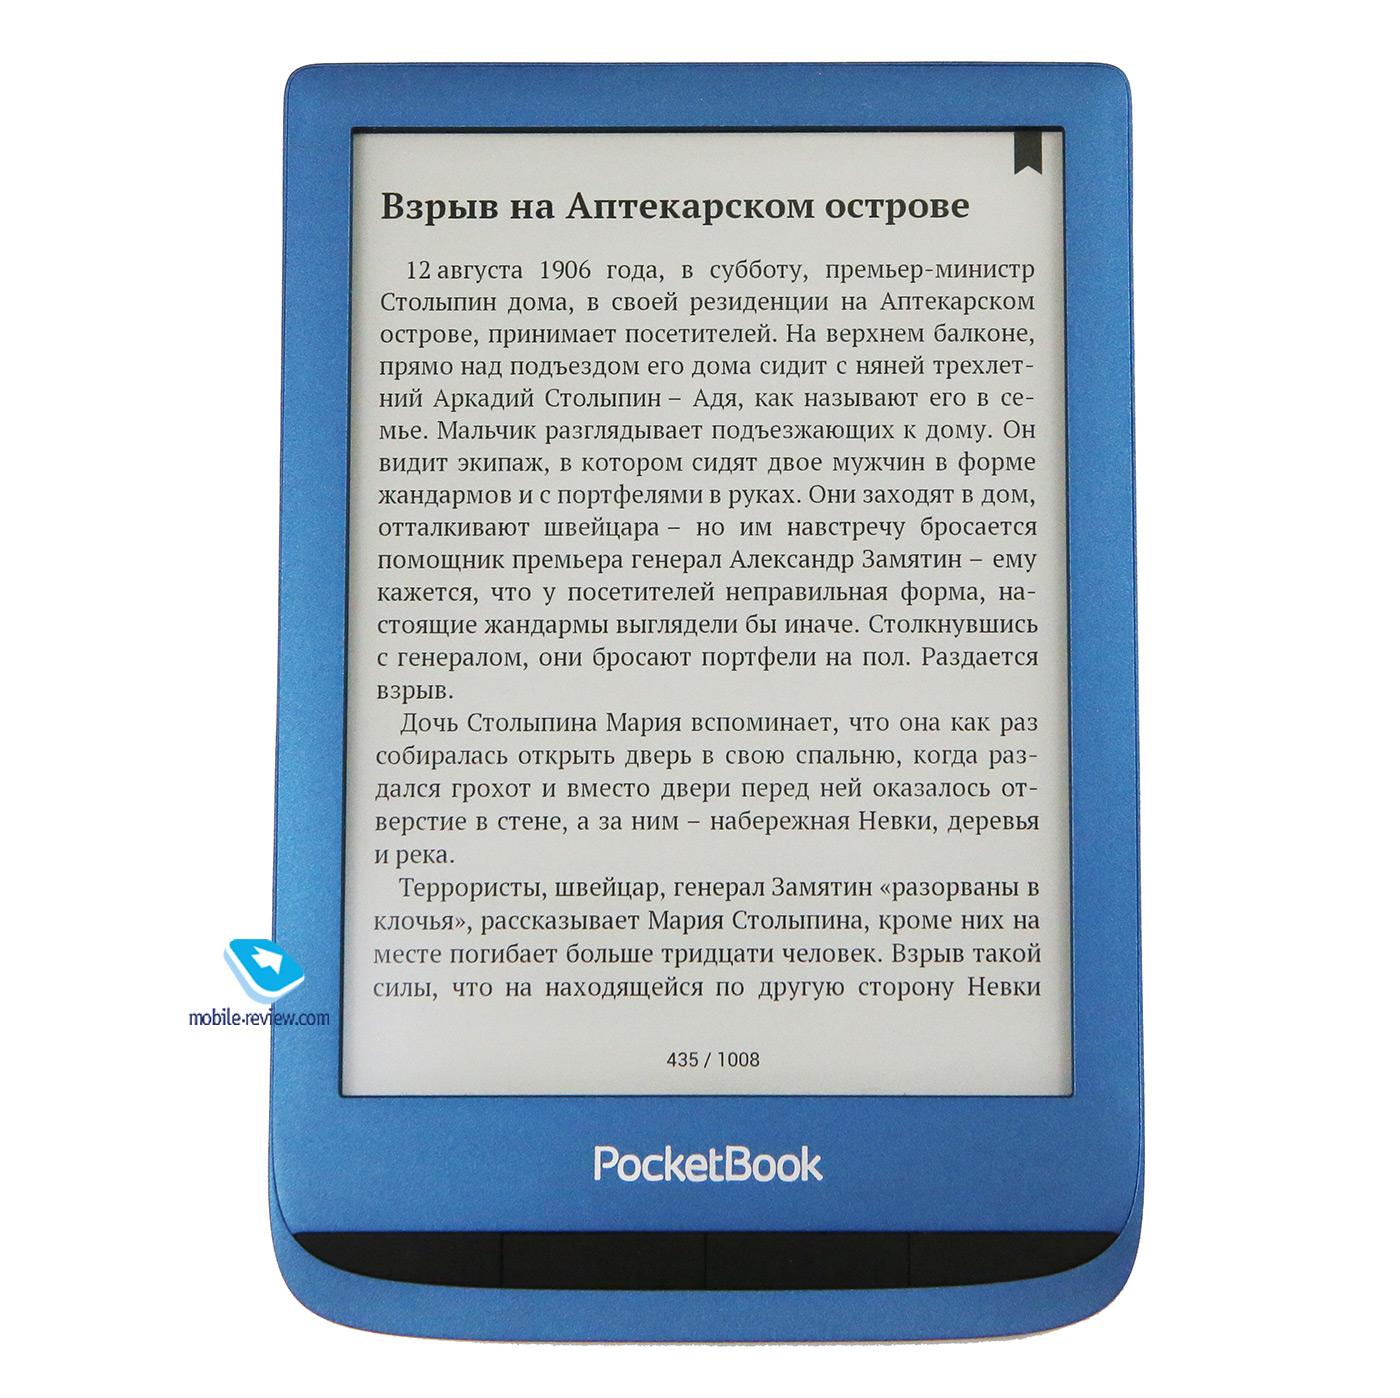 Что такое электронная книга